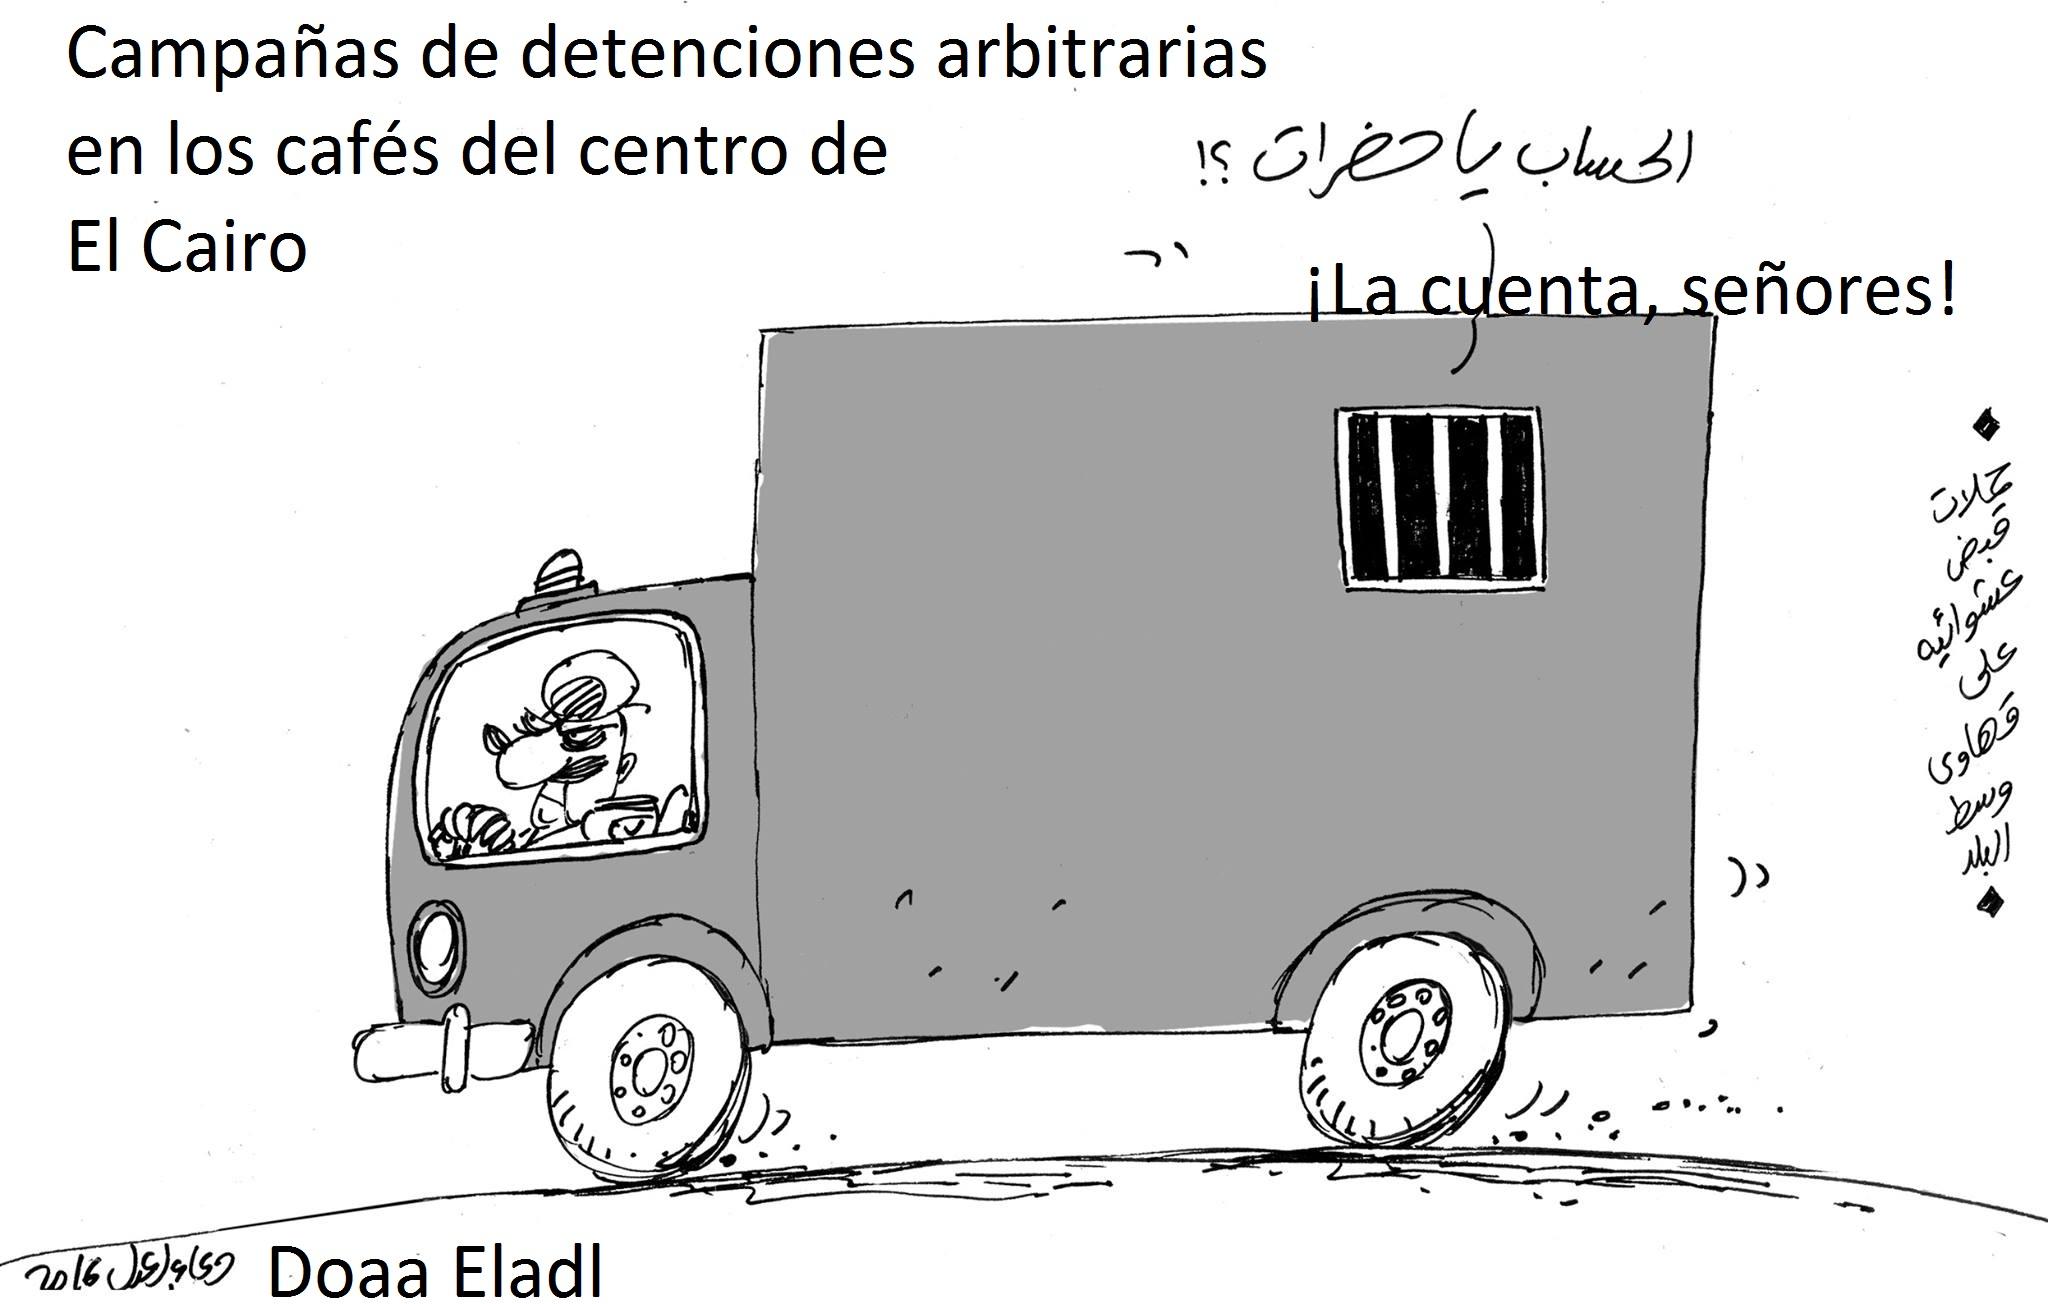 Dooa Eladl detenciones